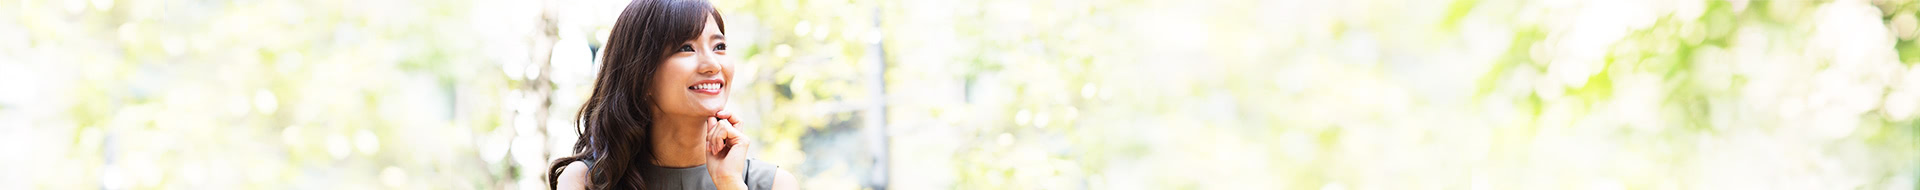 » 10/20 (土) 午後② 高年収女子のためのワクワク投資術のメインビジュアル